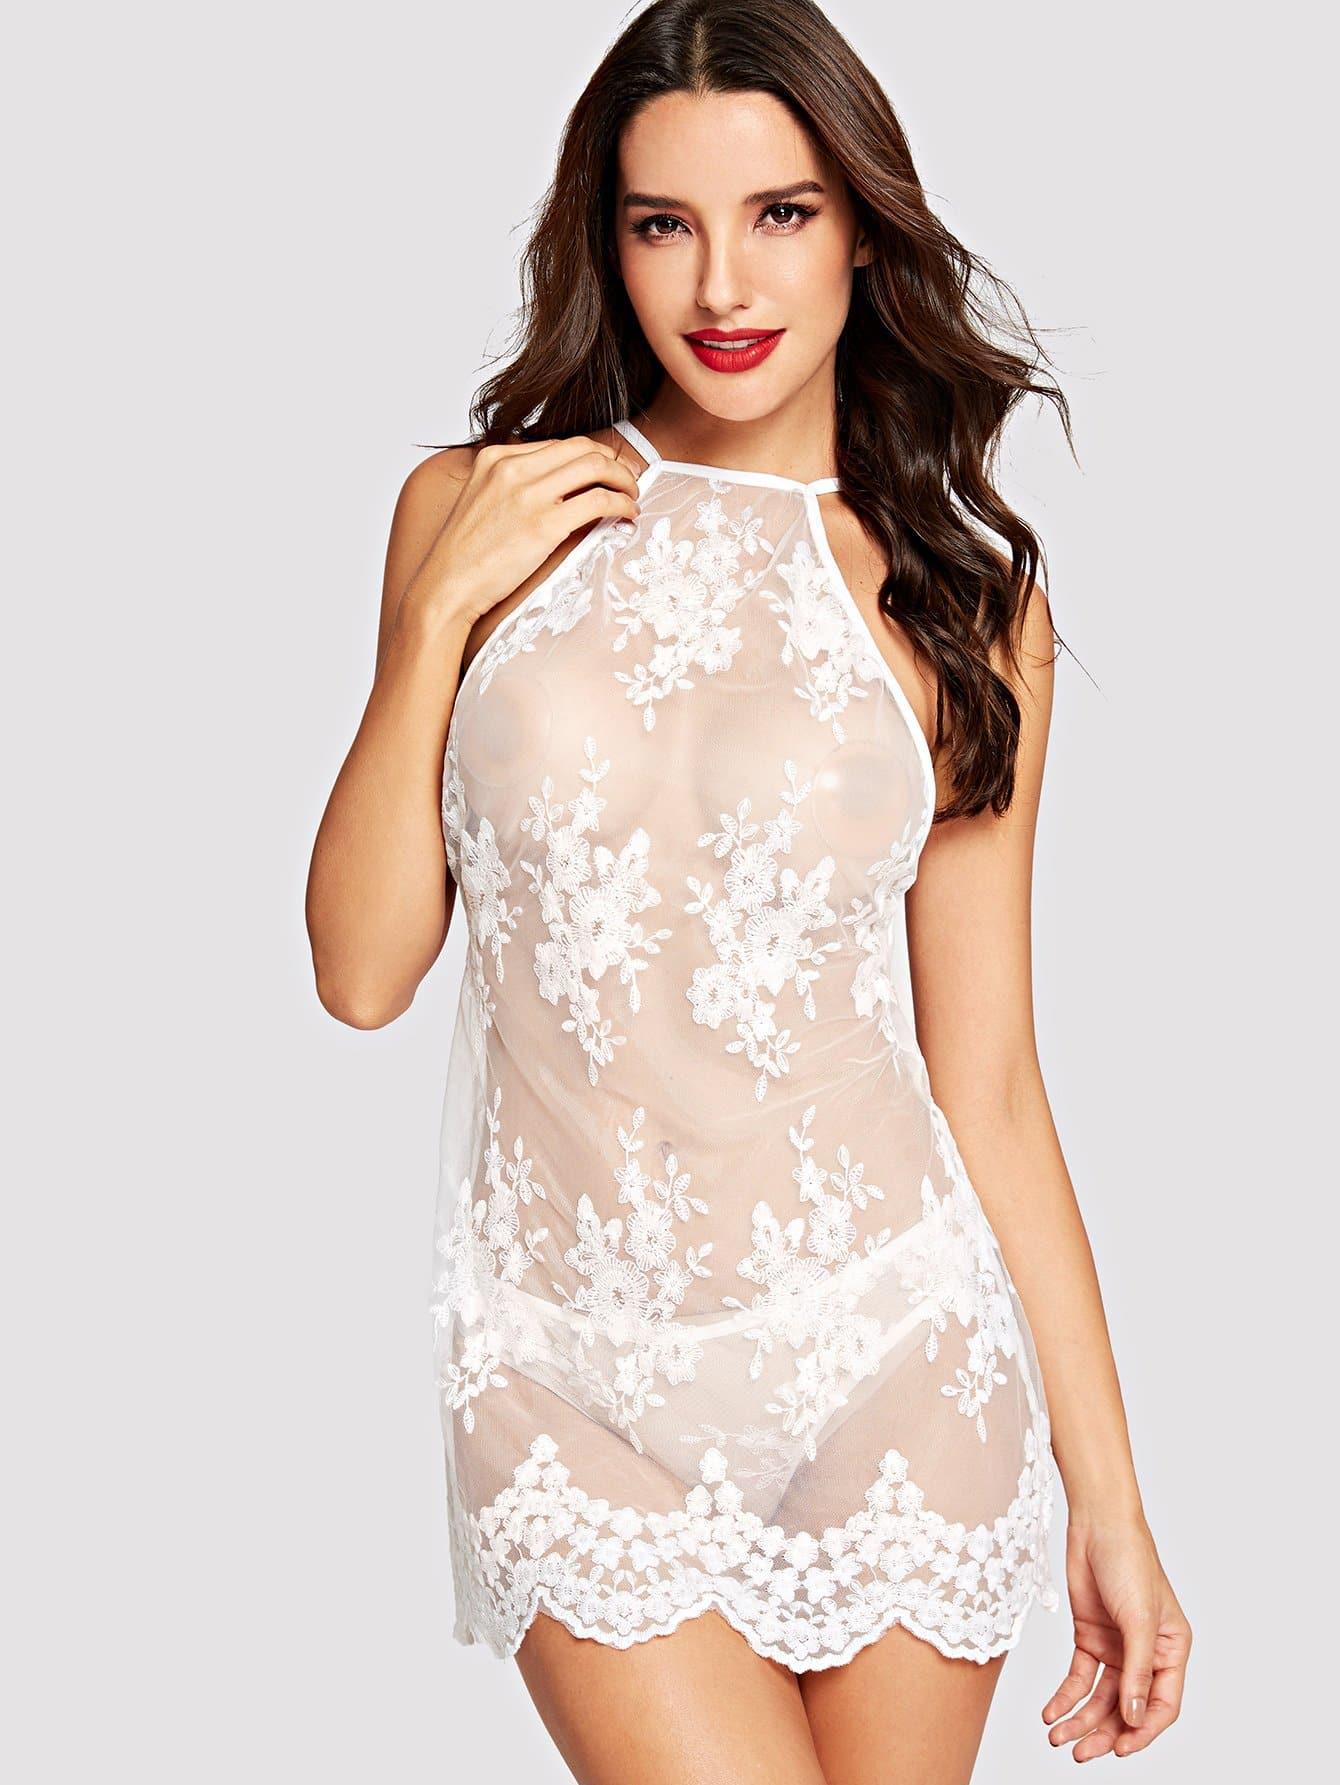 Купить Сексуальные Со цветочками Крестовый дизайн Сорочка Белый Белье, Juliana, SheIn